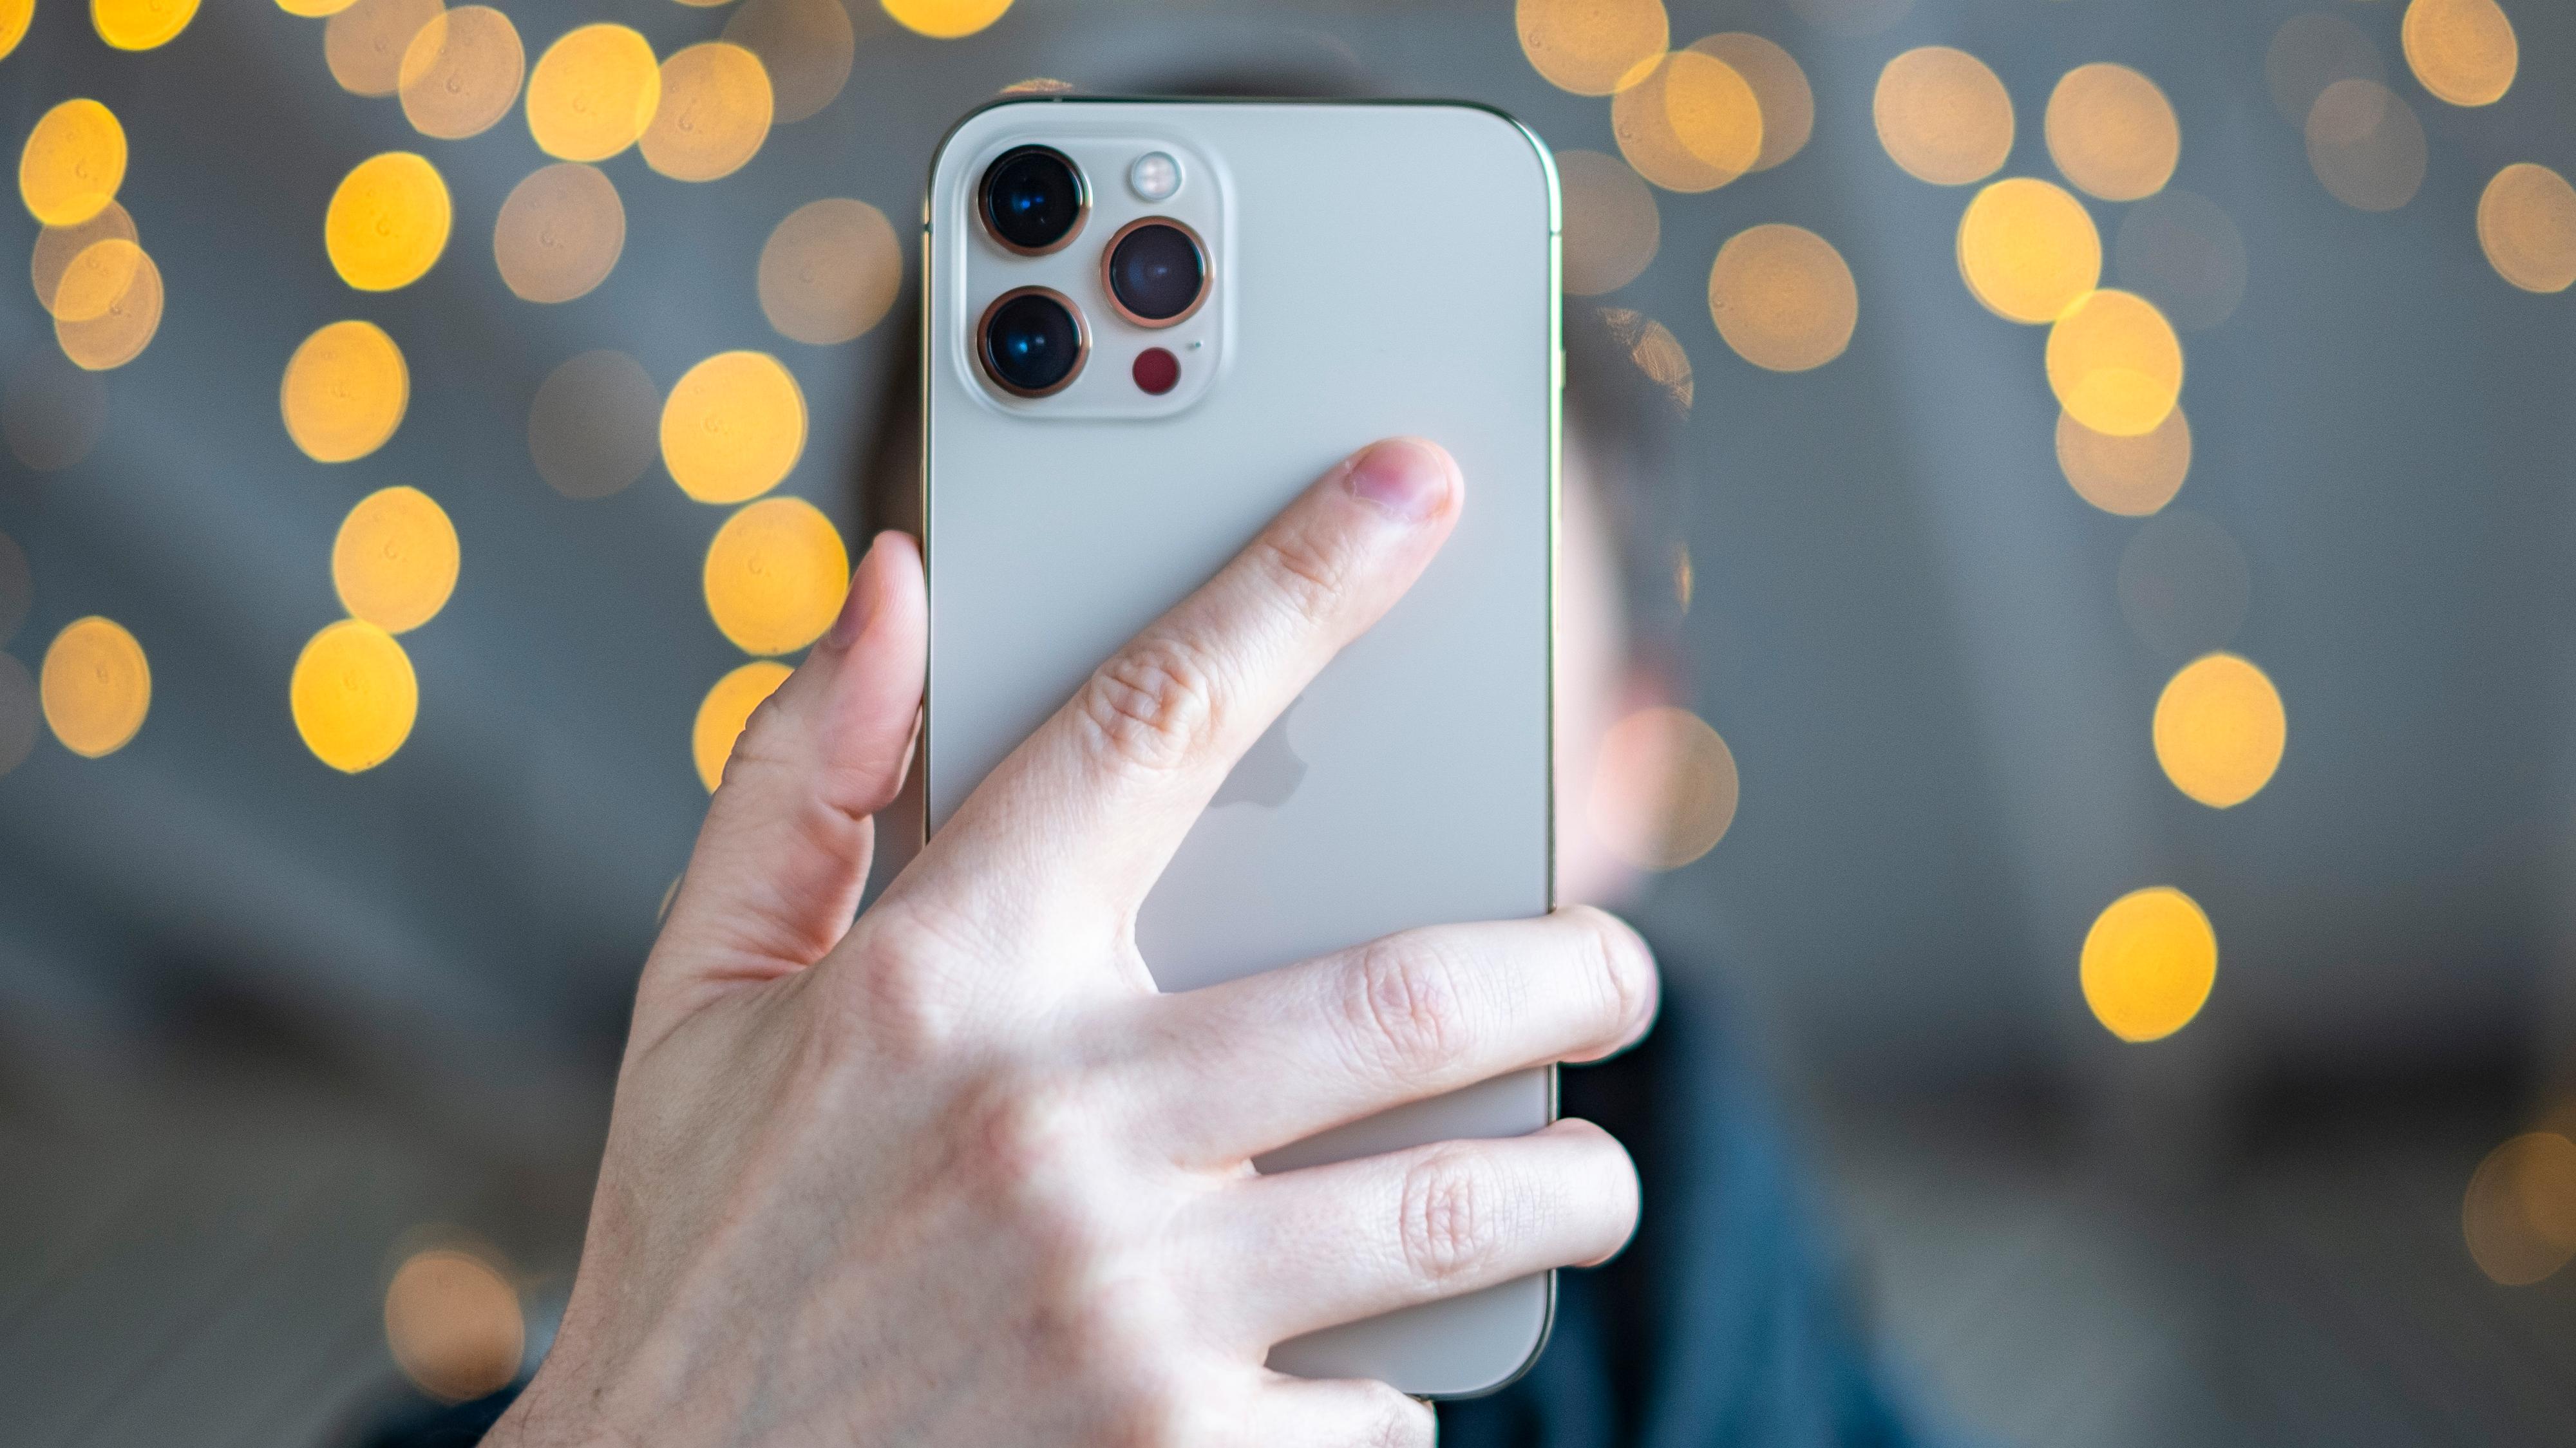 I fjor var det iPhone 12 Pro Max med diger kamerasensor som flyttet seg etter dine bevegelser som var den største nyheten. Hva årets viktigste forandringer blir er fortsatt uklart, men større batterier og kraftig forbedrede skjermer er på ryktebørsen.